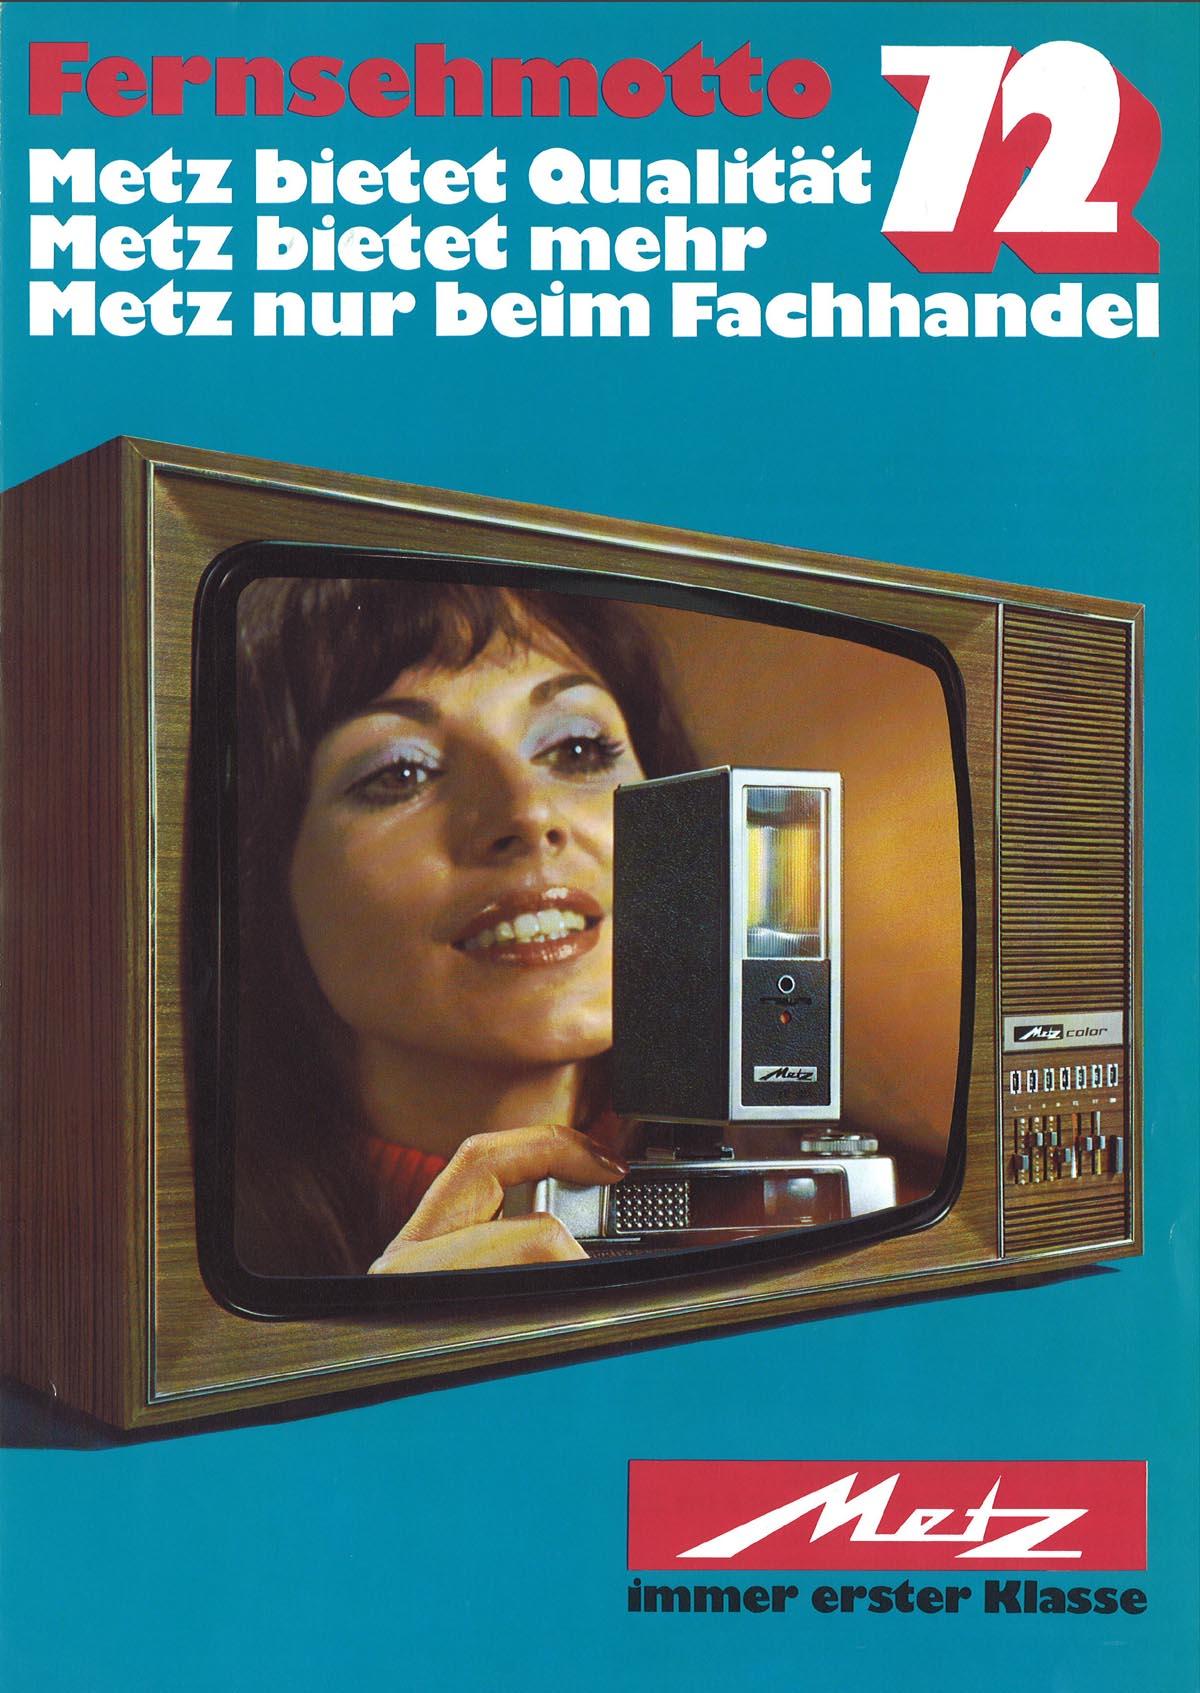 seit 1964 - Metz nur im Fachhandel